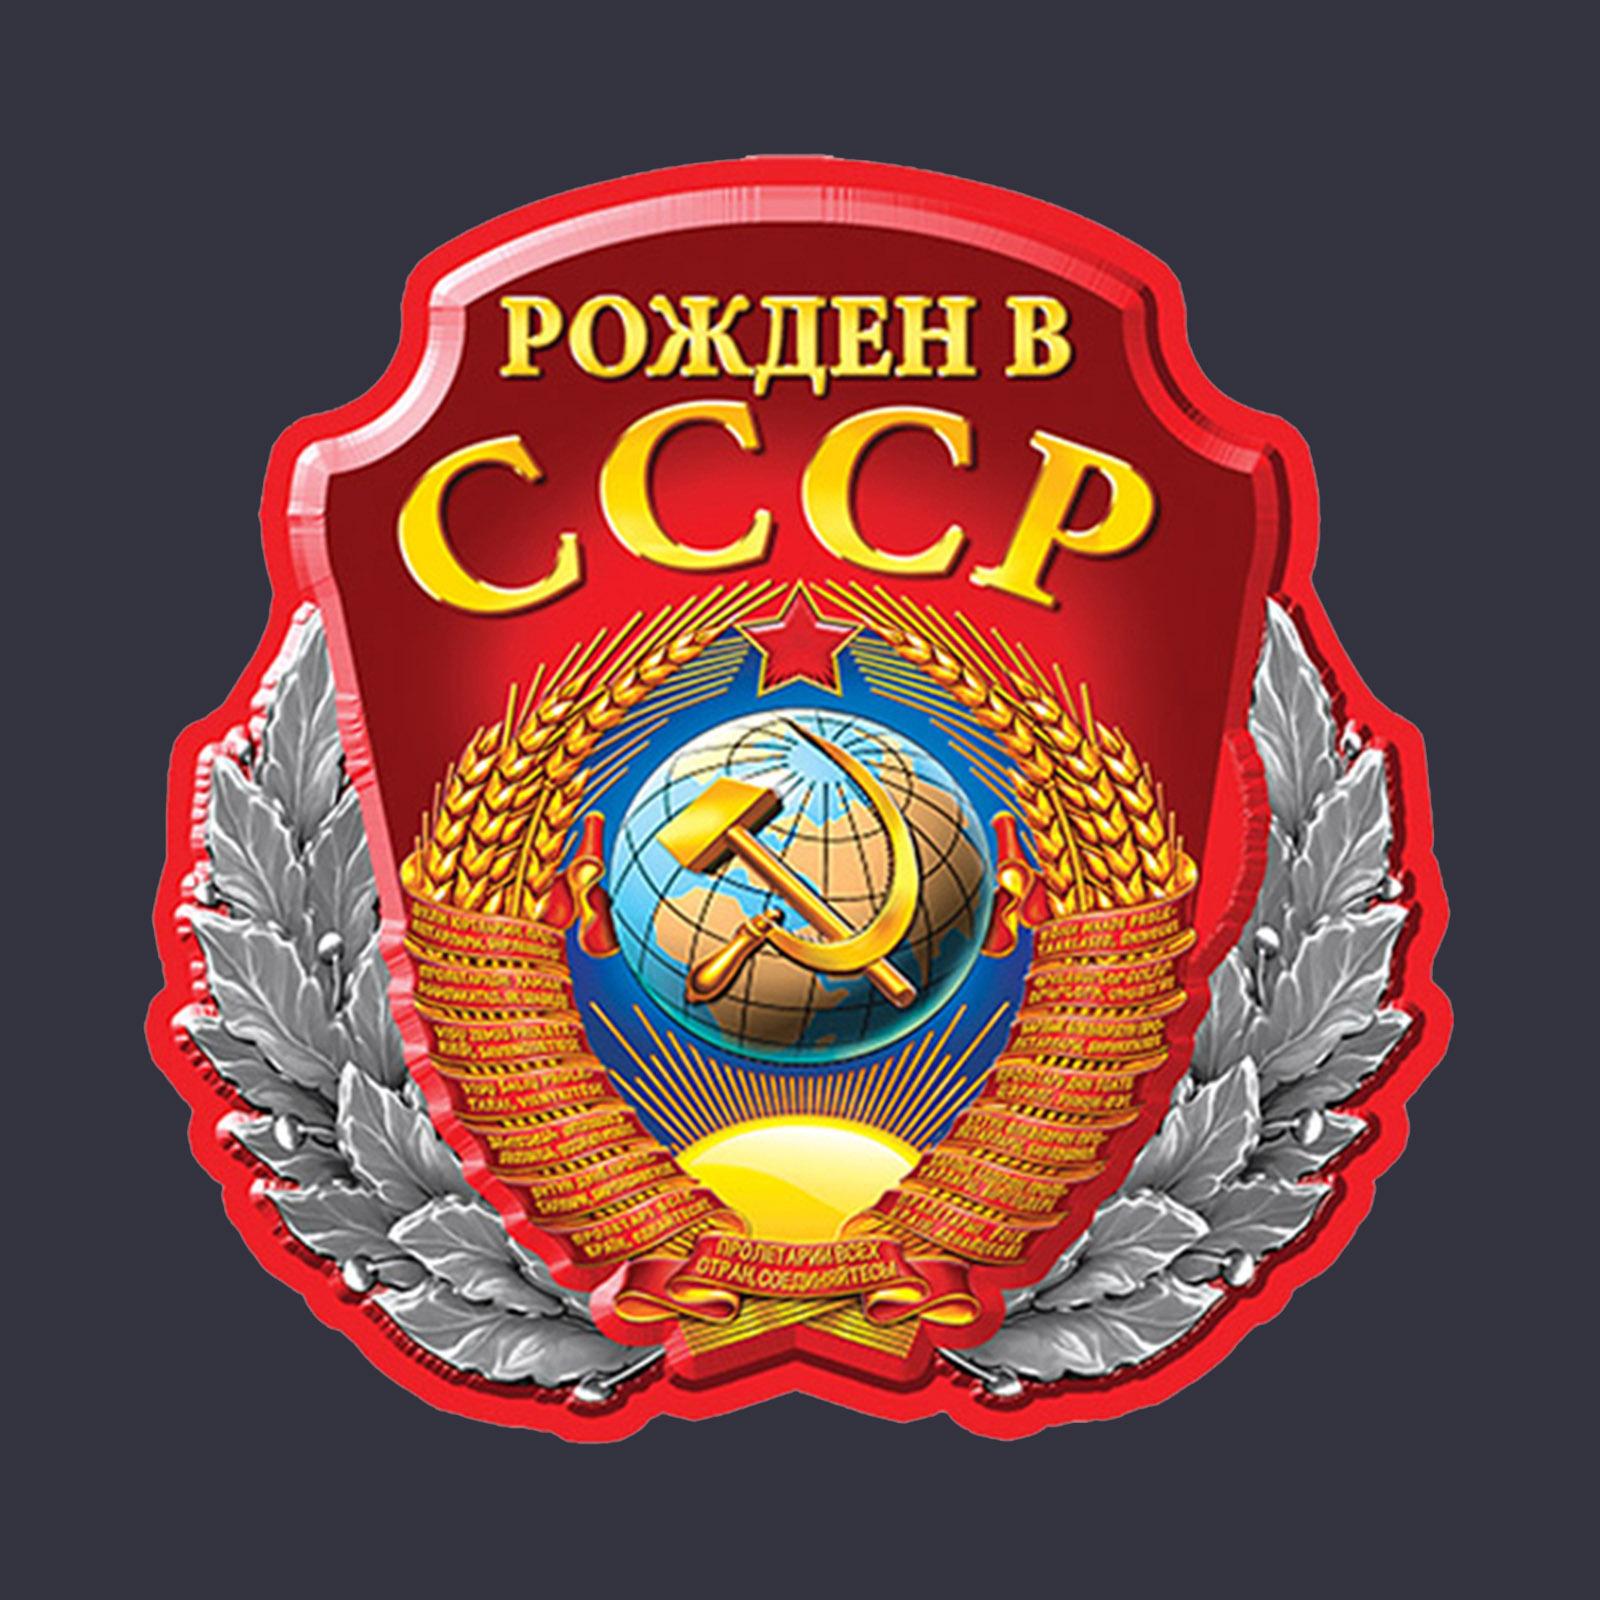 Купить стильную темно-синюю бейсболку с термонаклейкой Рожден в СССР по низкой цене